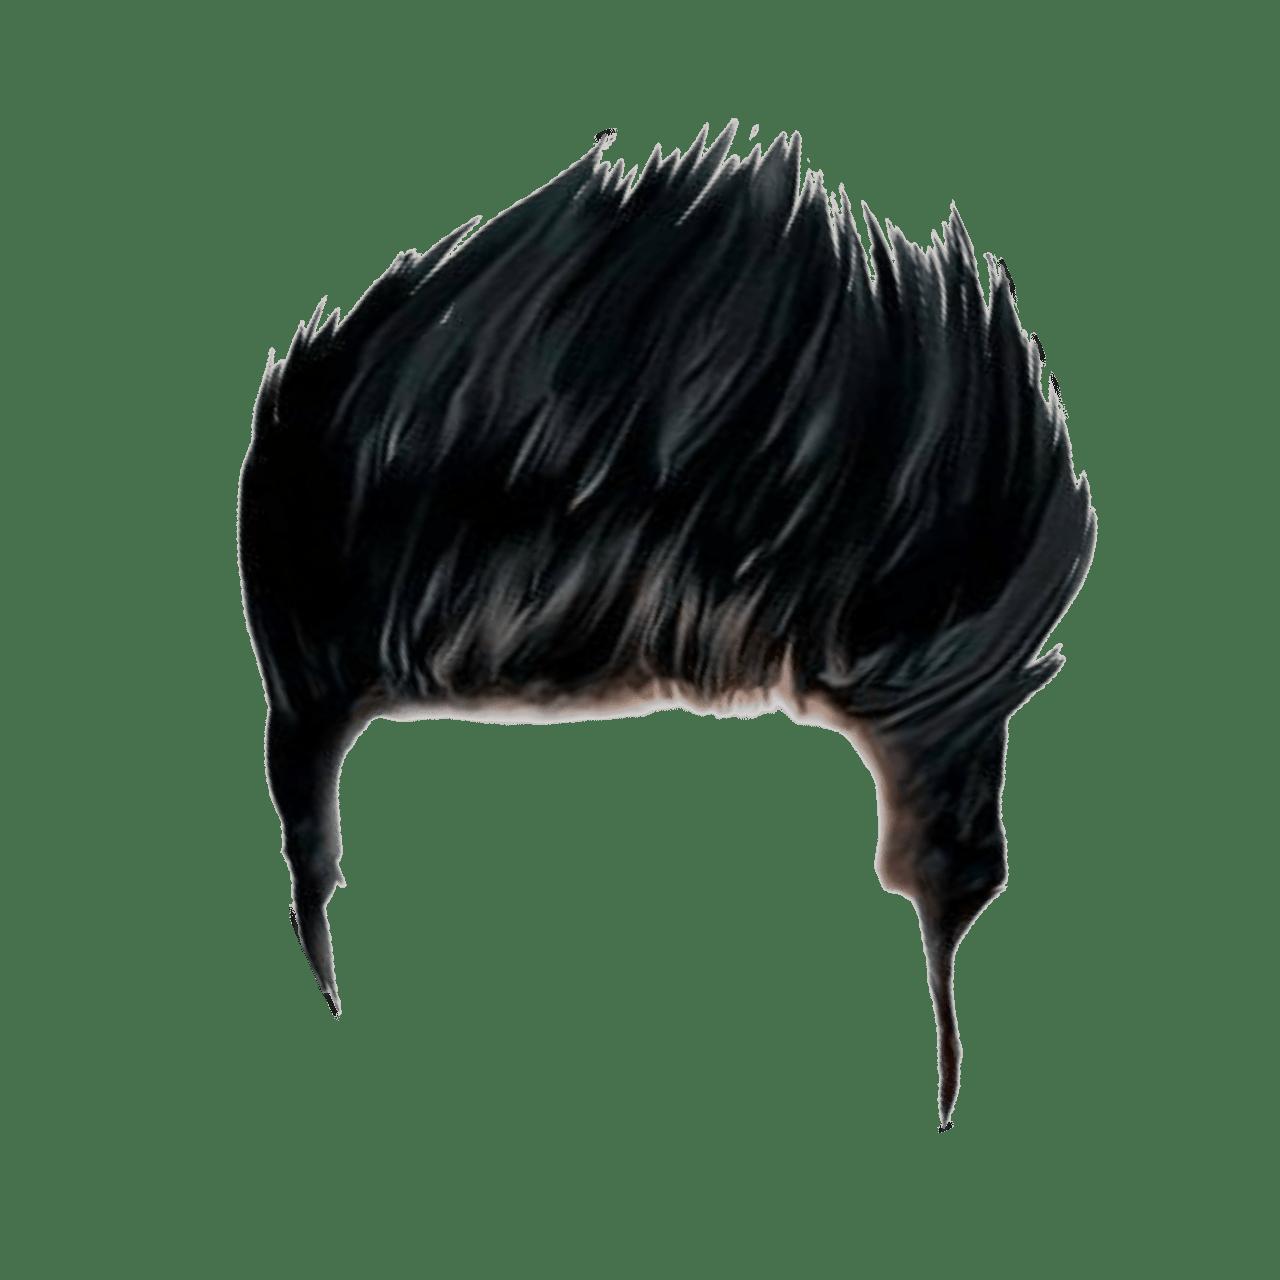 Hairstyle Hairart Haircolor Long Hair Haircut Hairpng